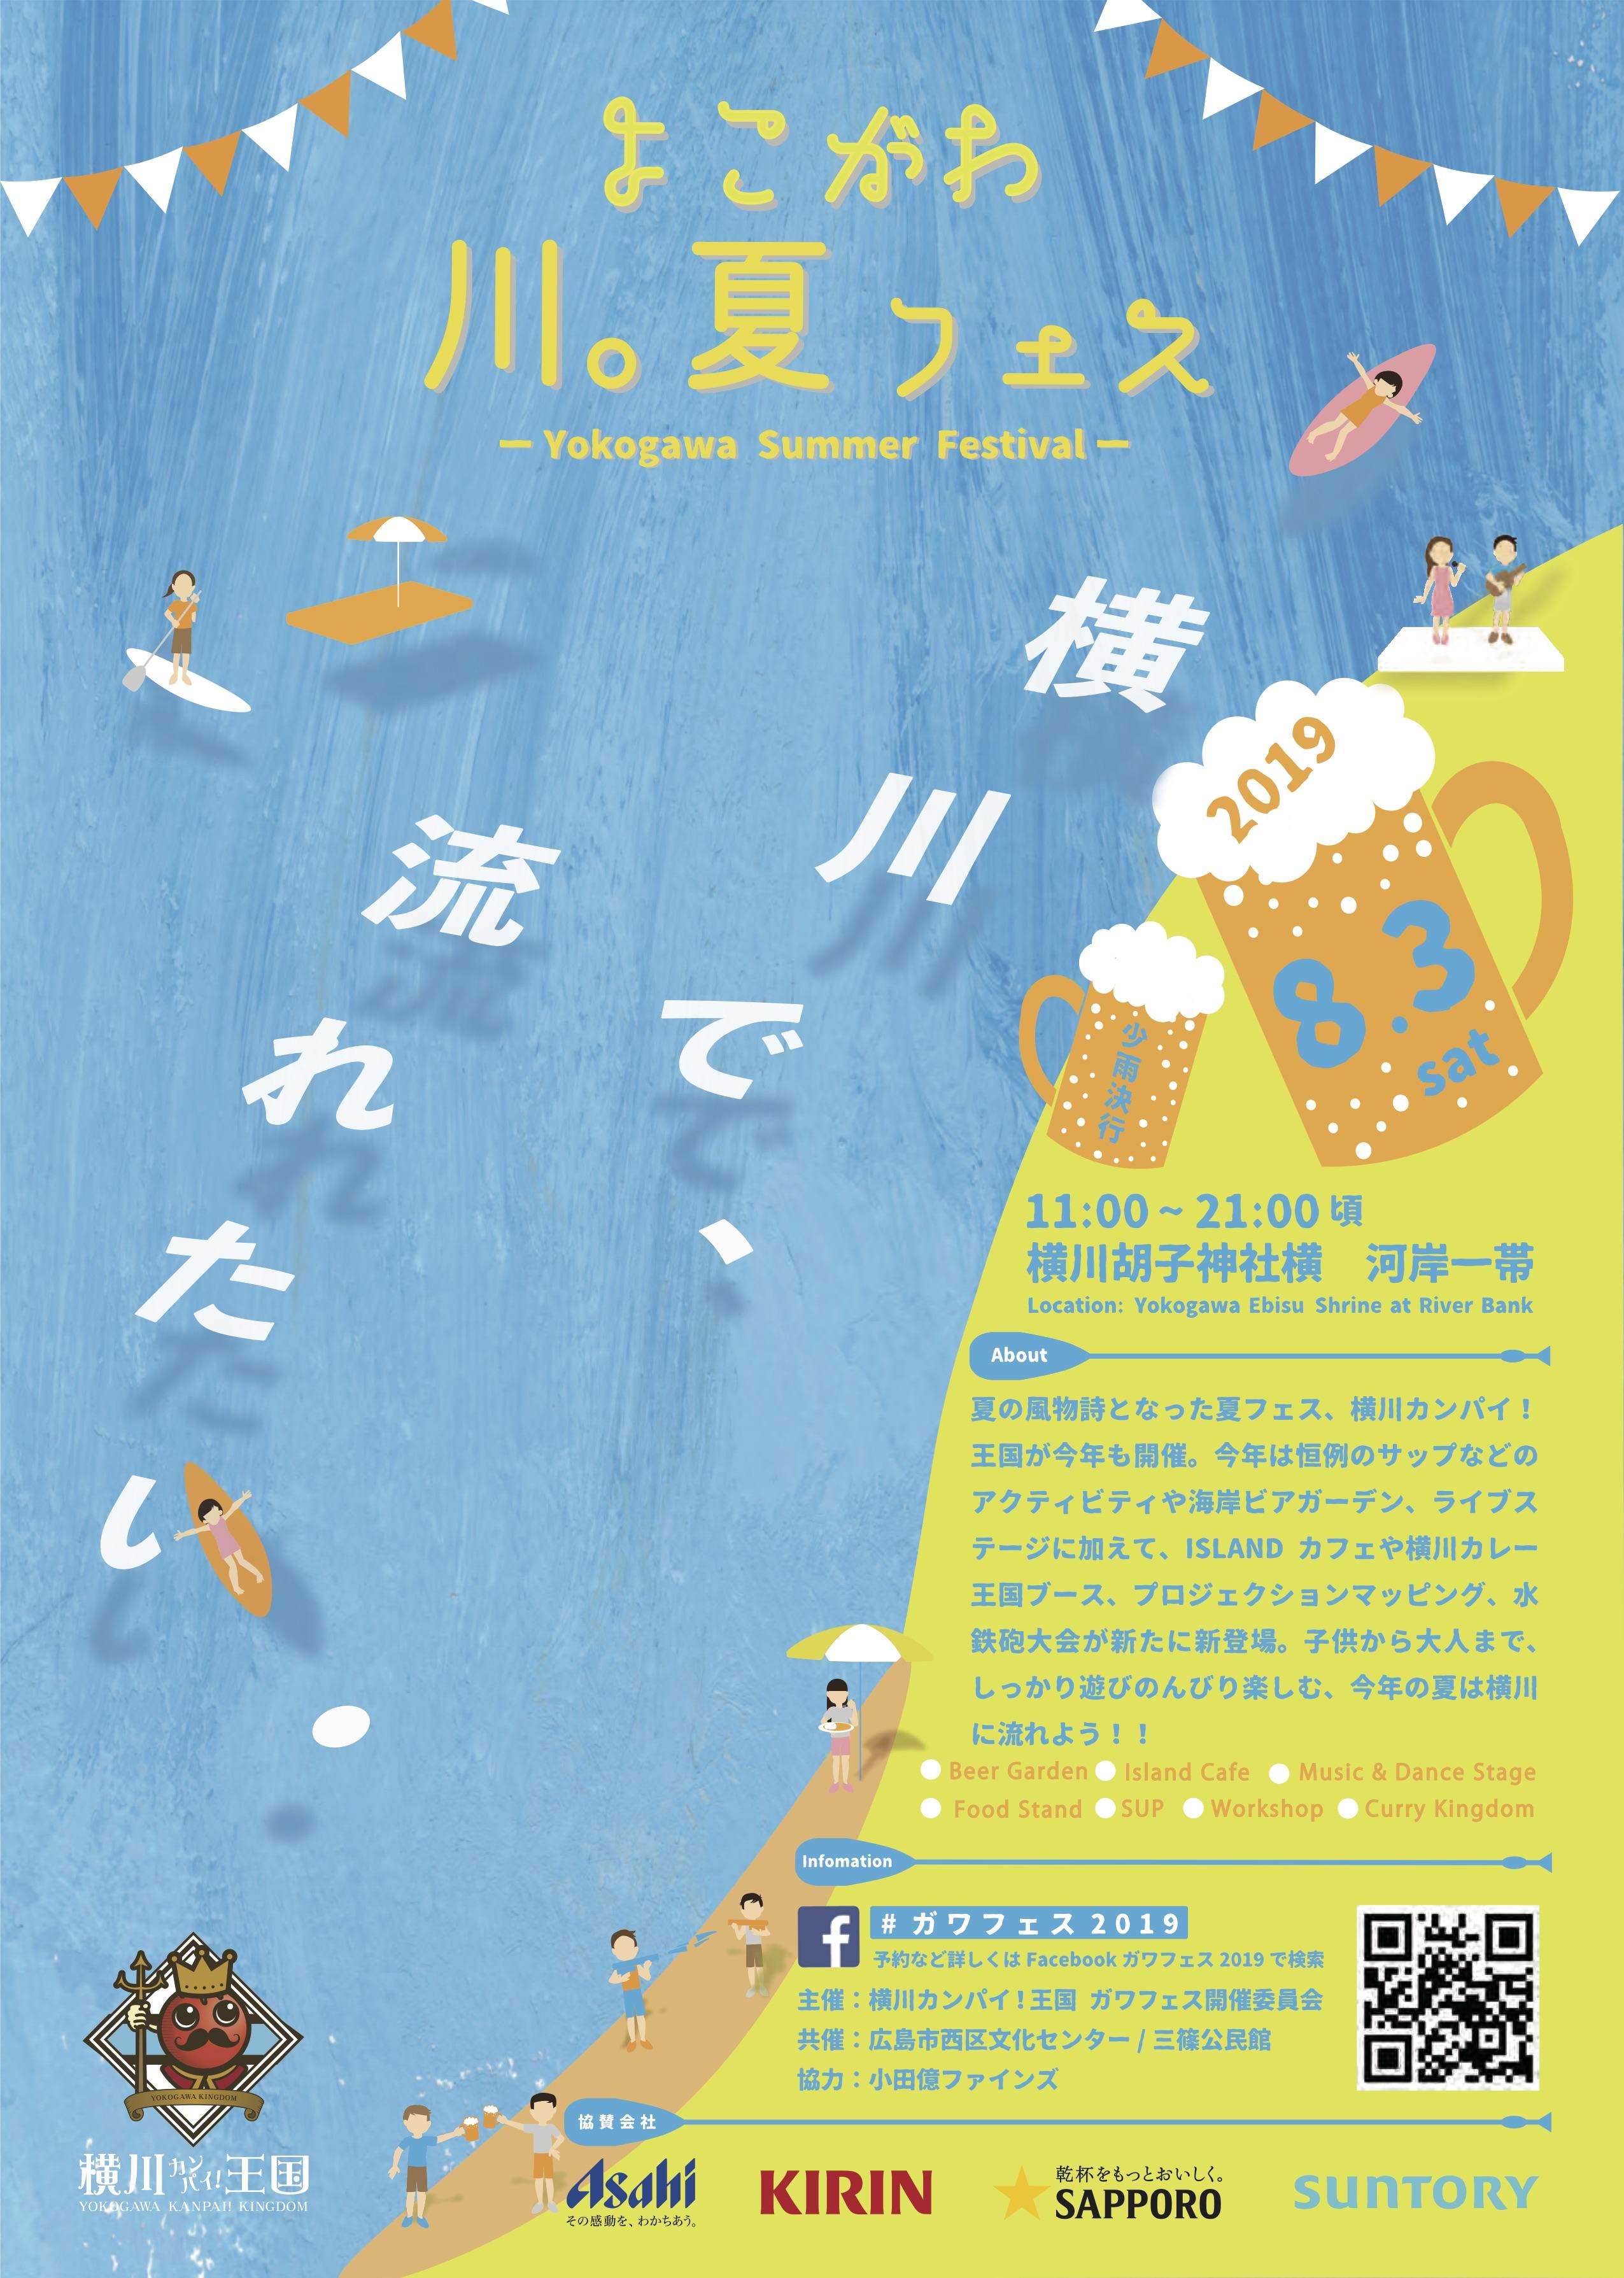 横川夏フェス/ガワフェス2019